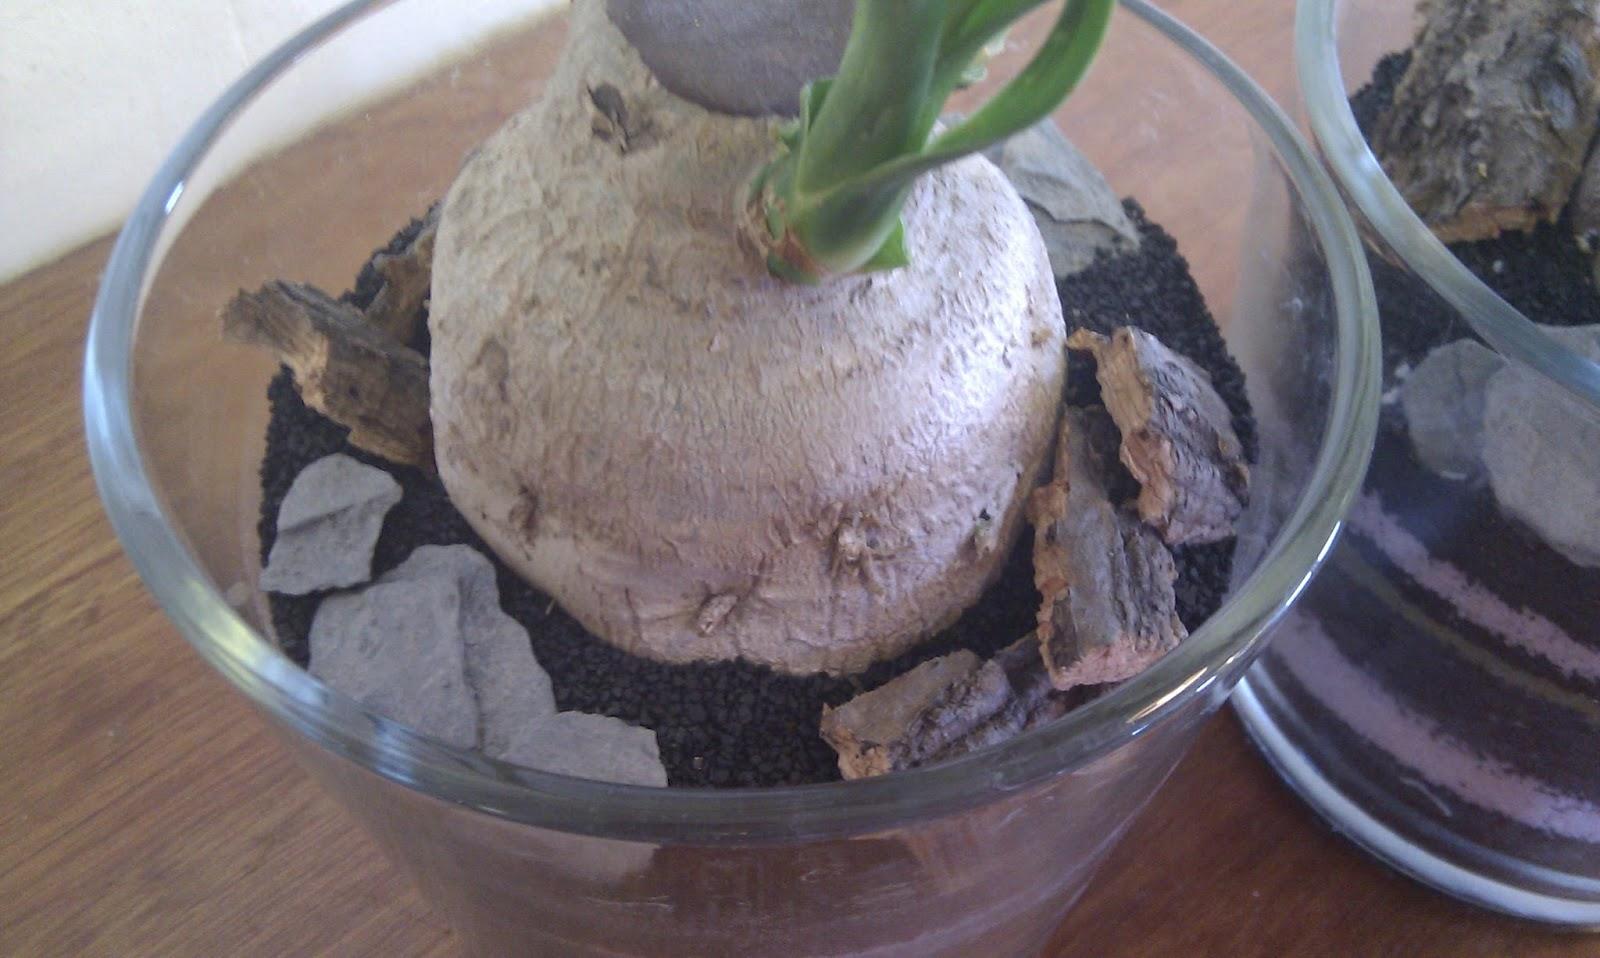 Plante styling i glas potte.